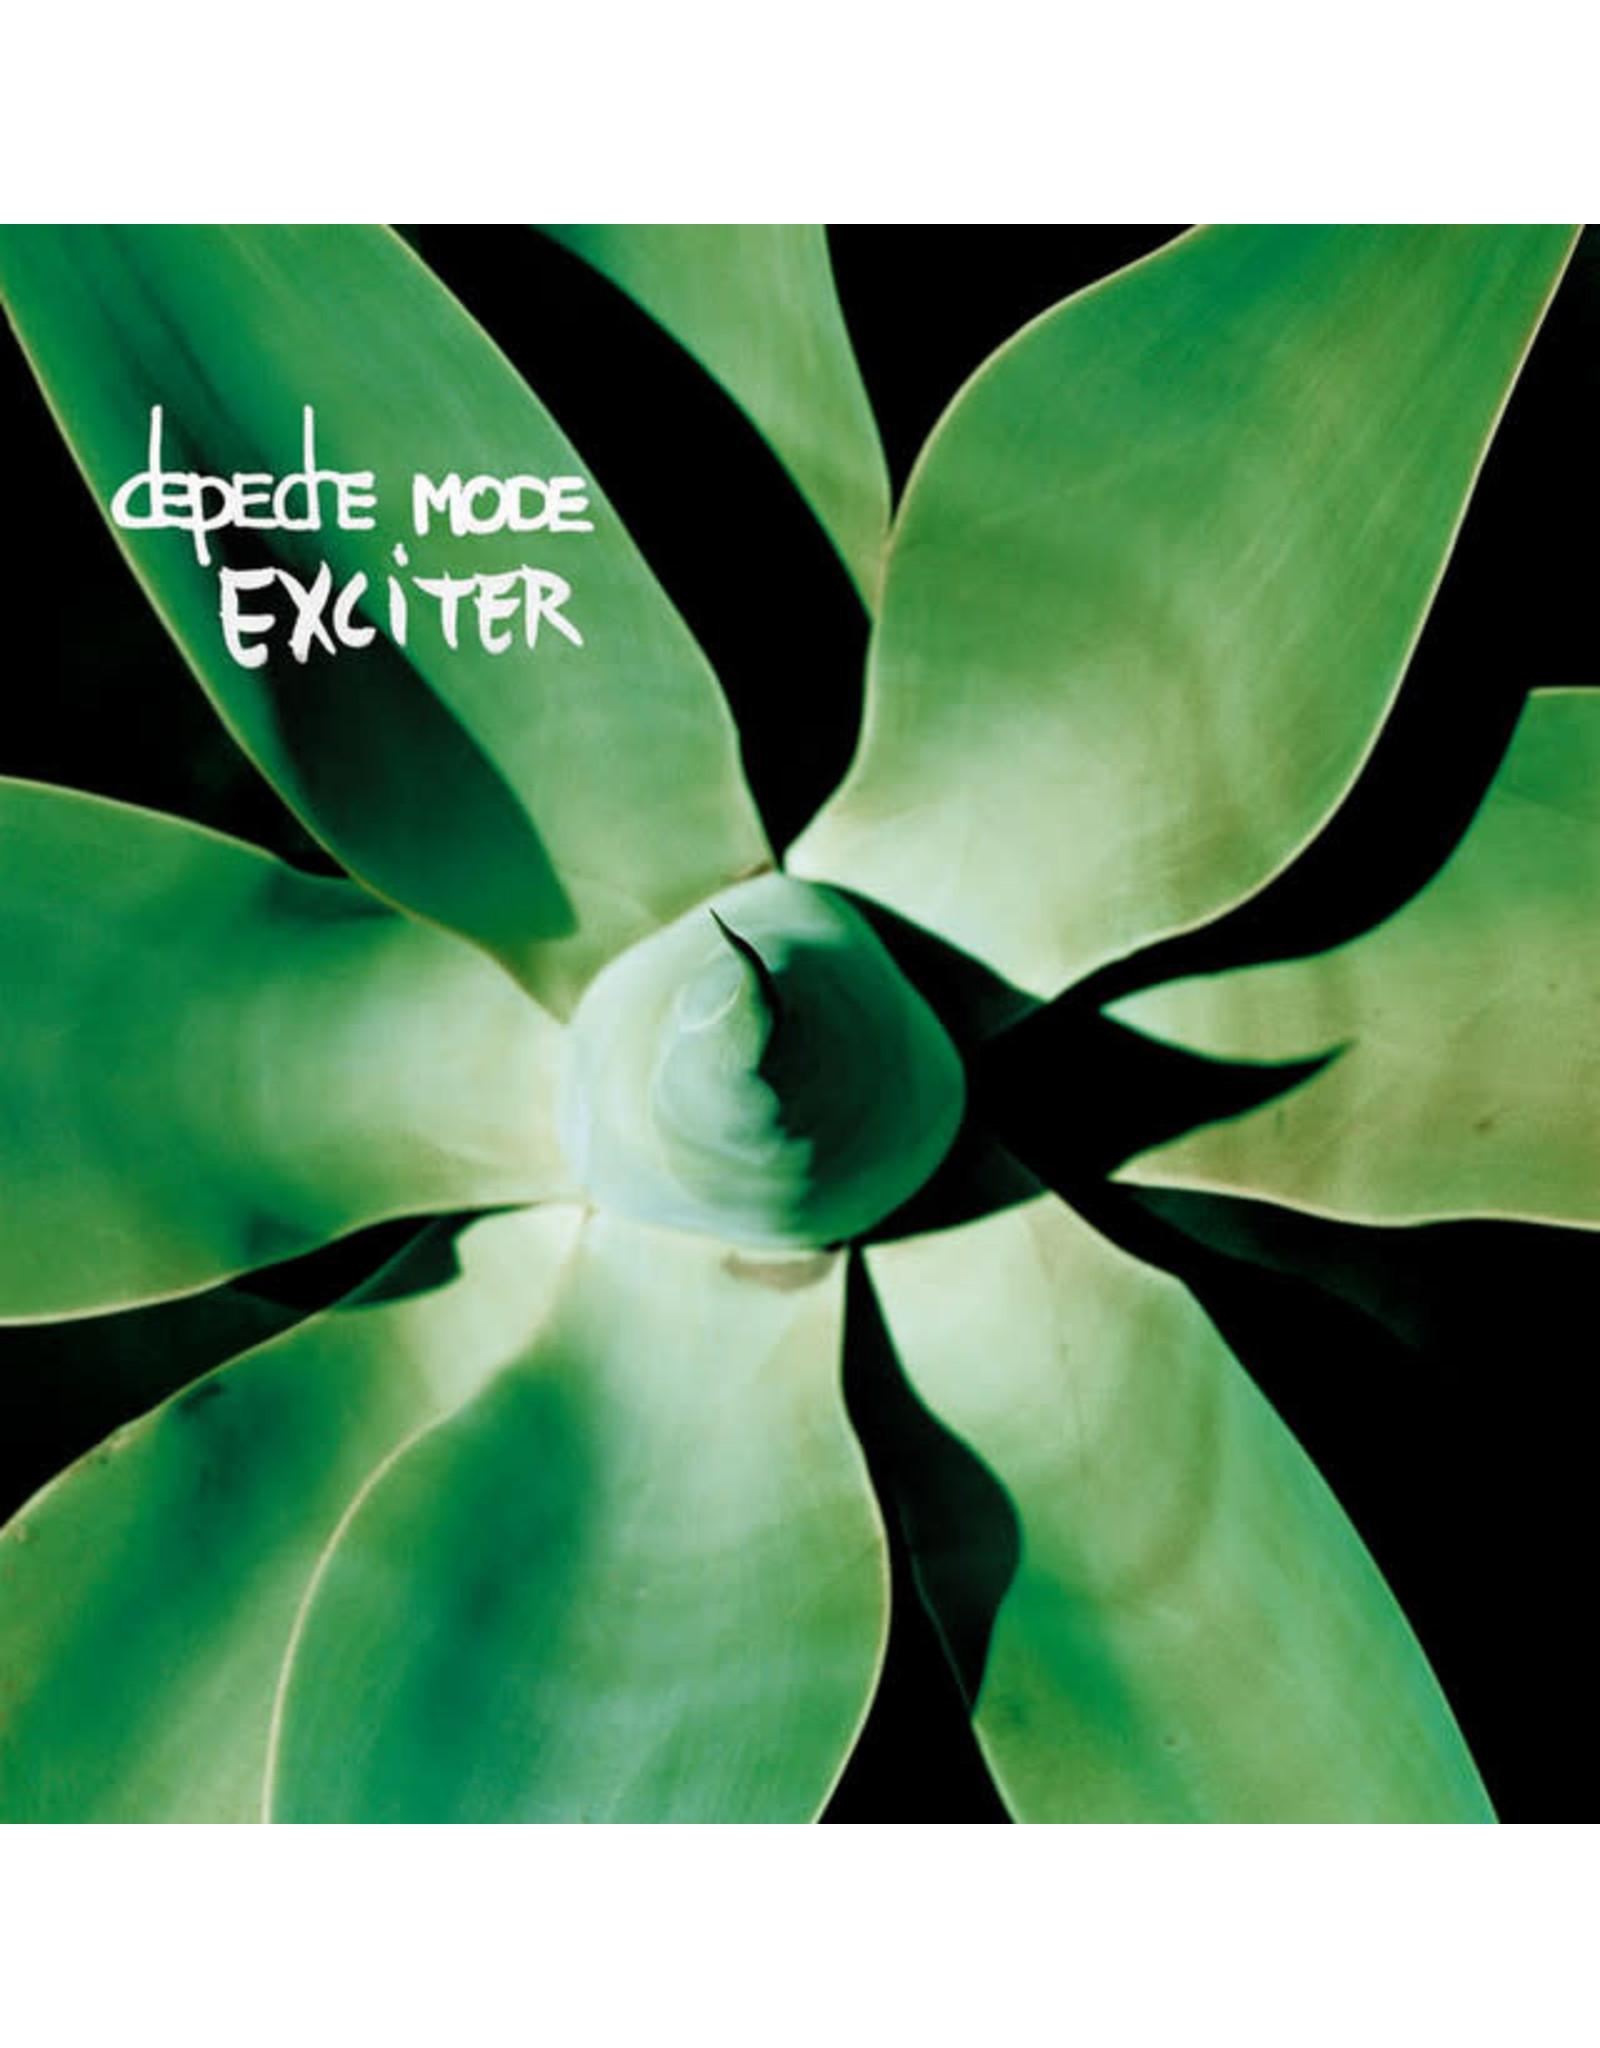 Vinyl Depeche Mode - Exciter (UK)